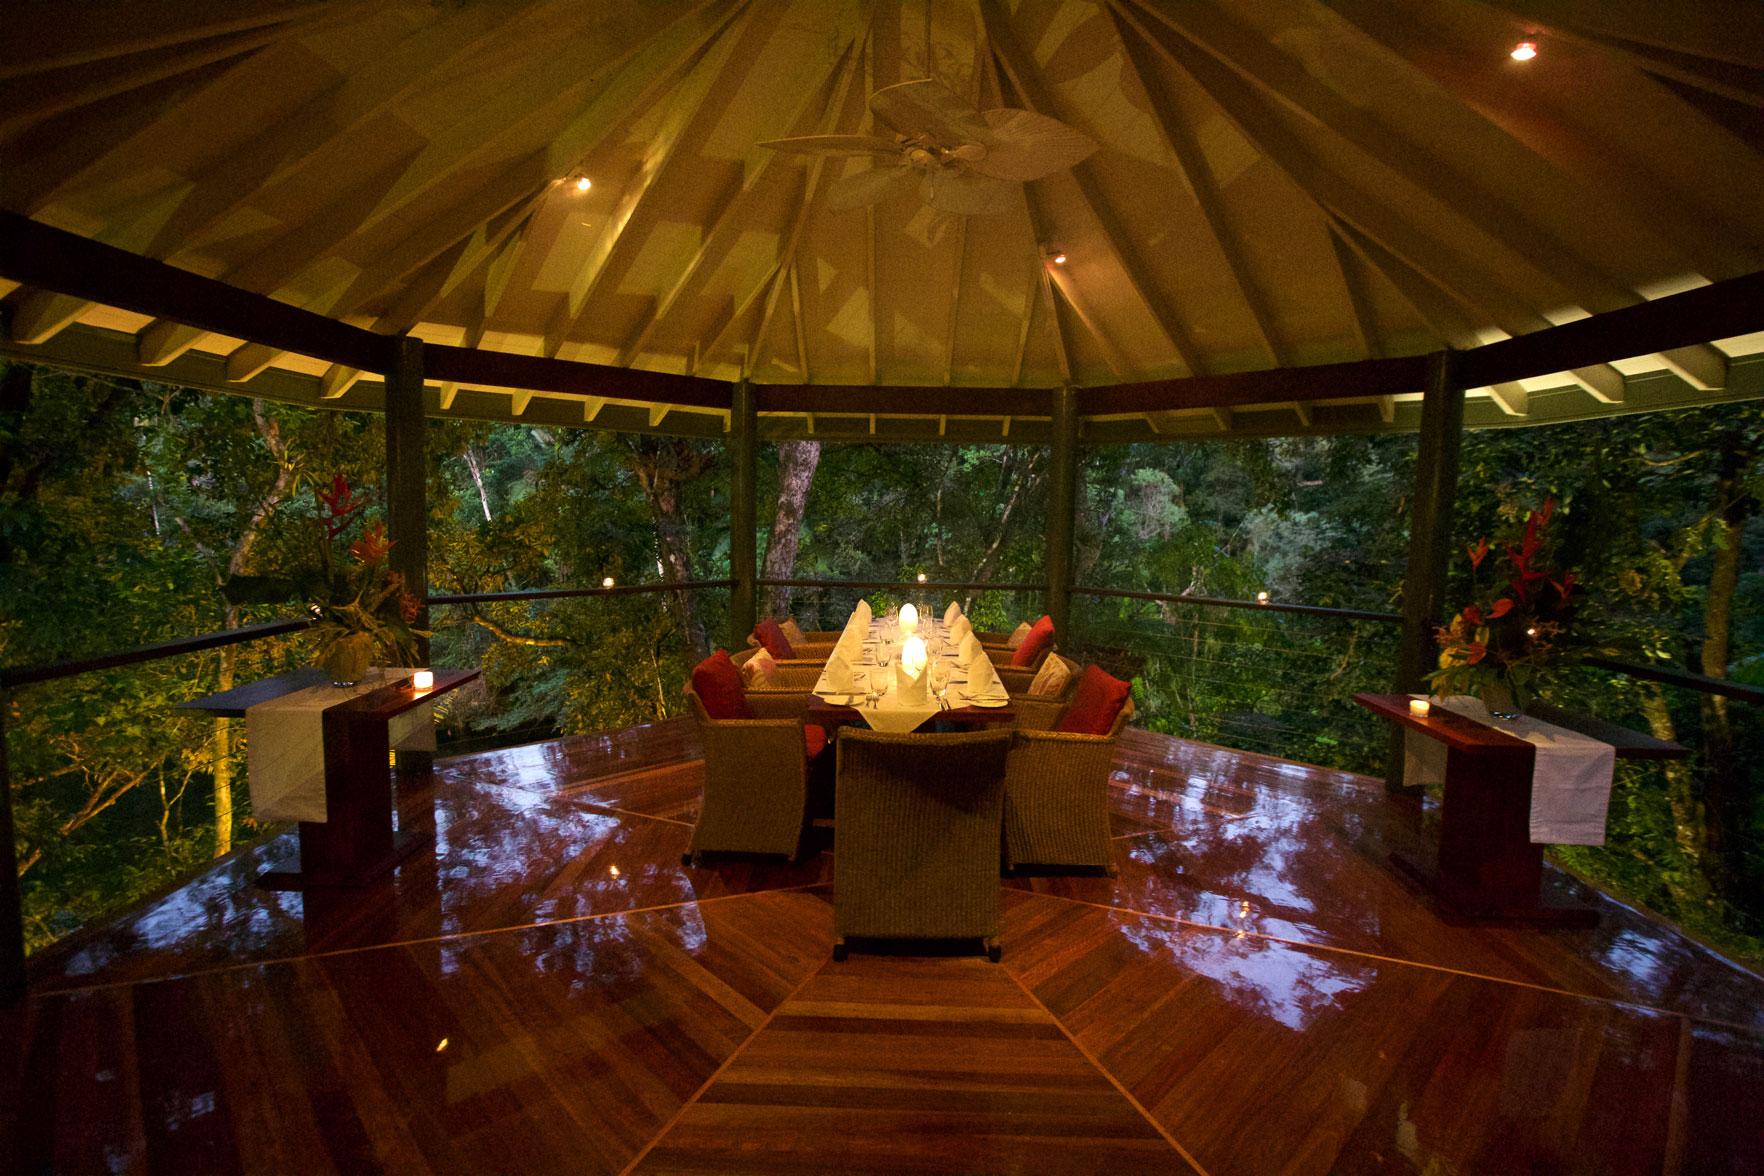 AUS_Silky-Oaks-Lodge-©15-Thomas-Baechtold-0519.jpg